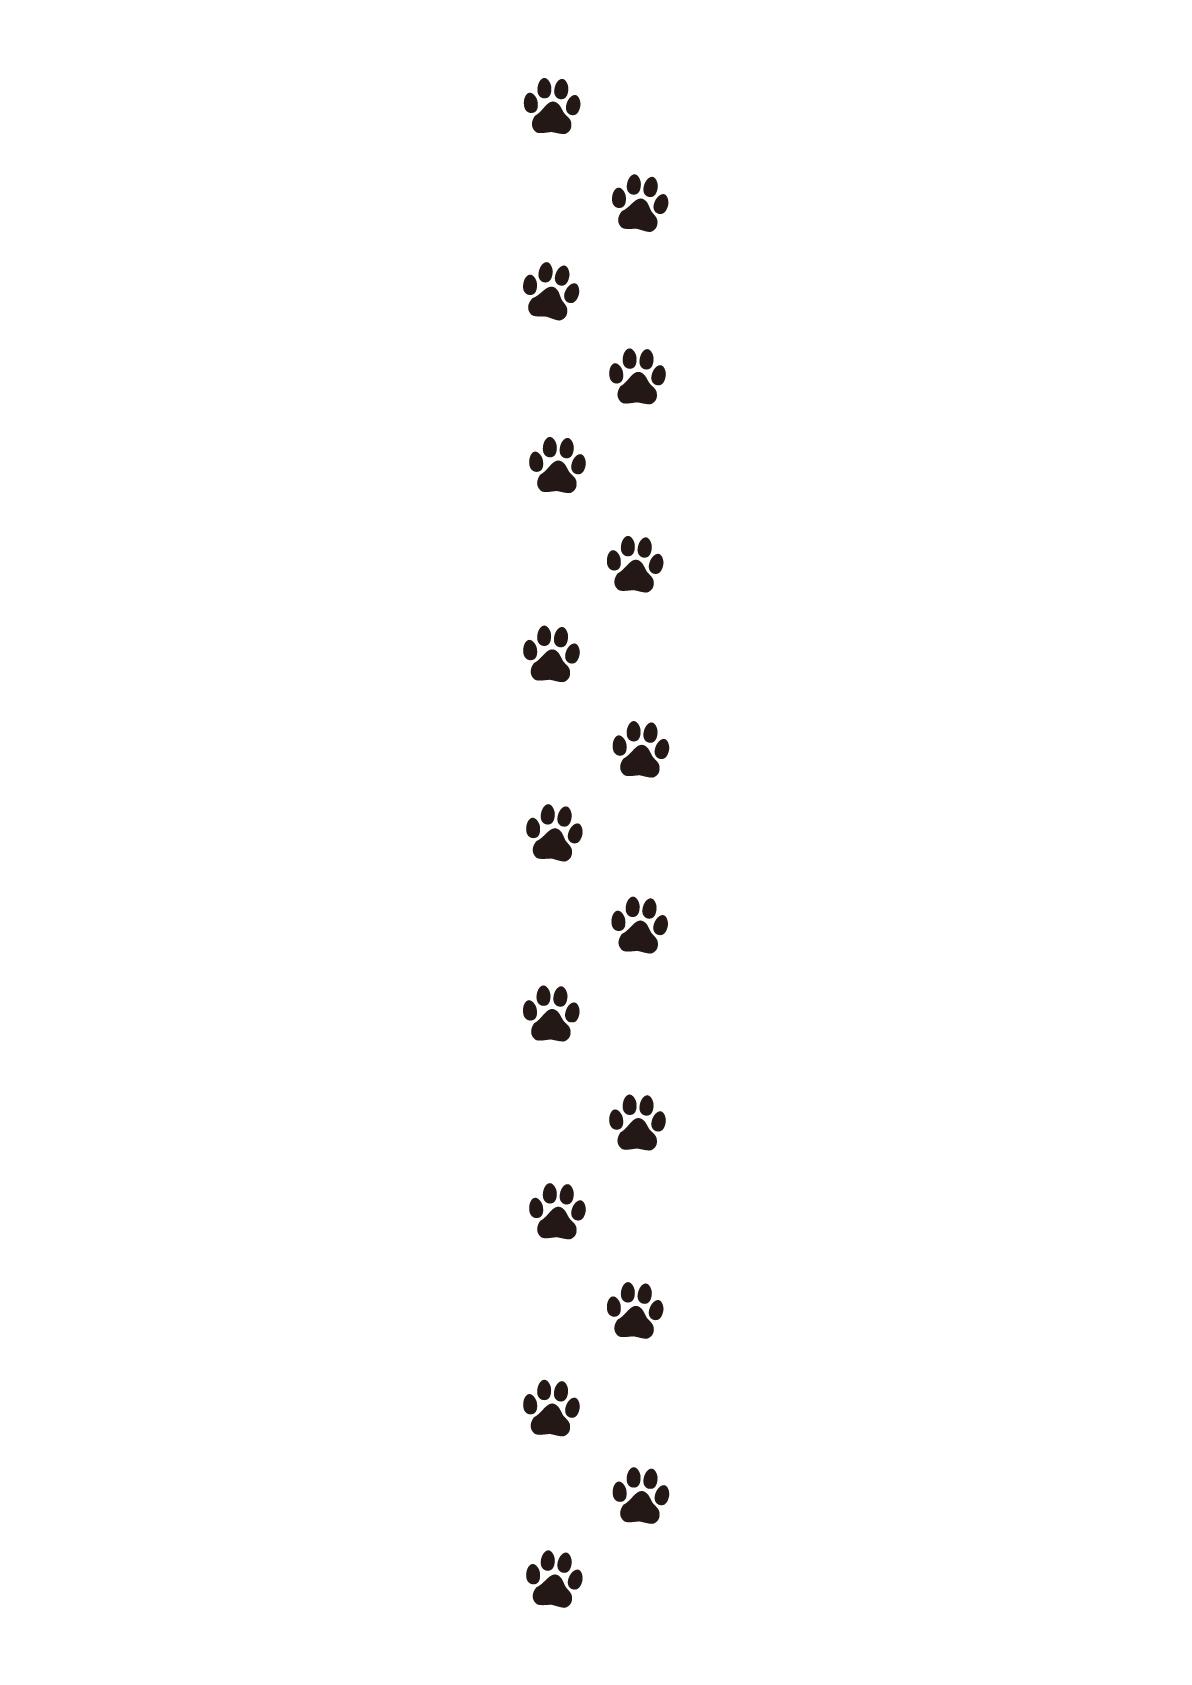 犬の連続した足跡のイラスト フリー張り紙素材 はりがみや